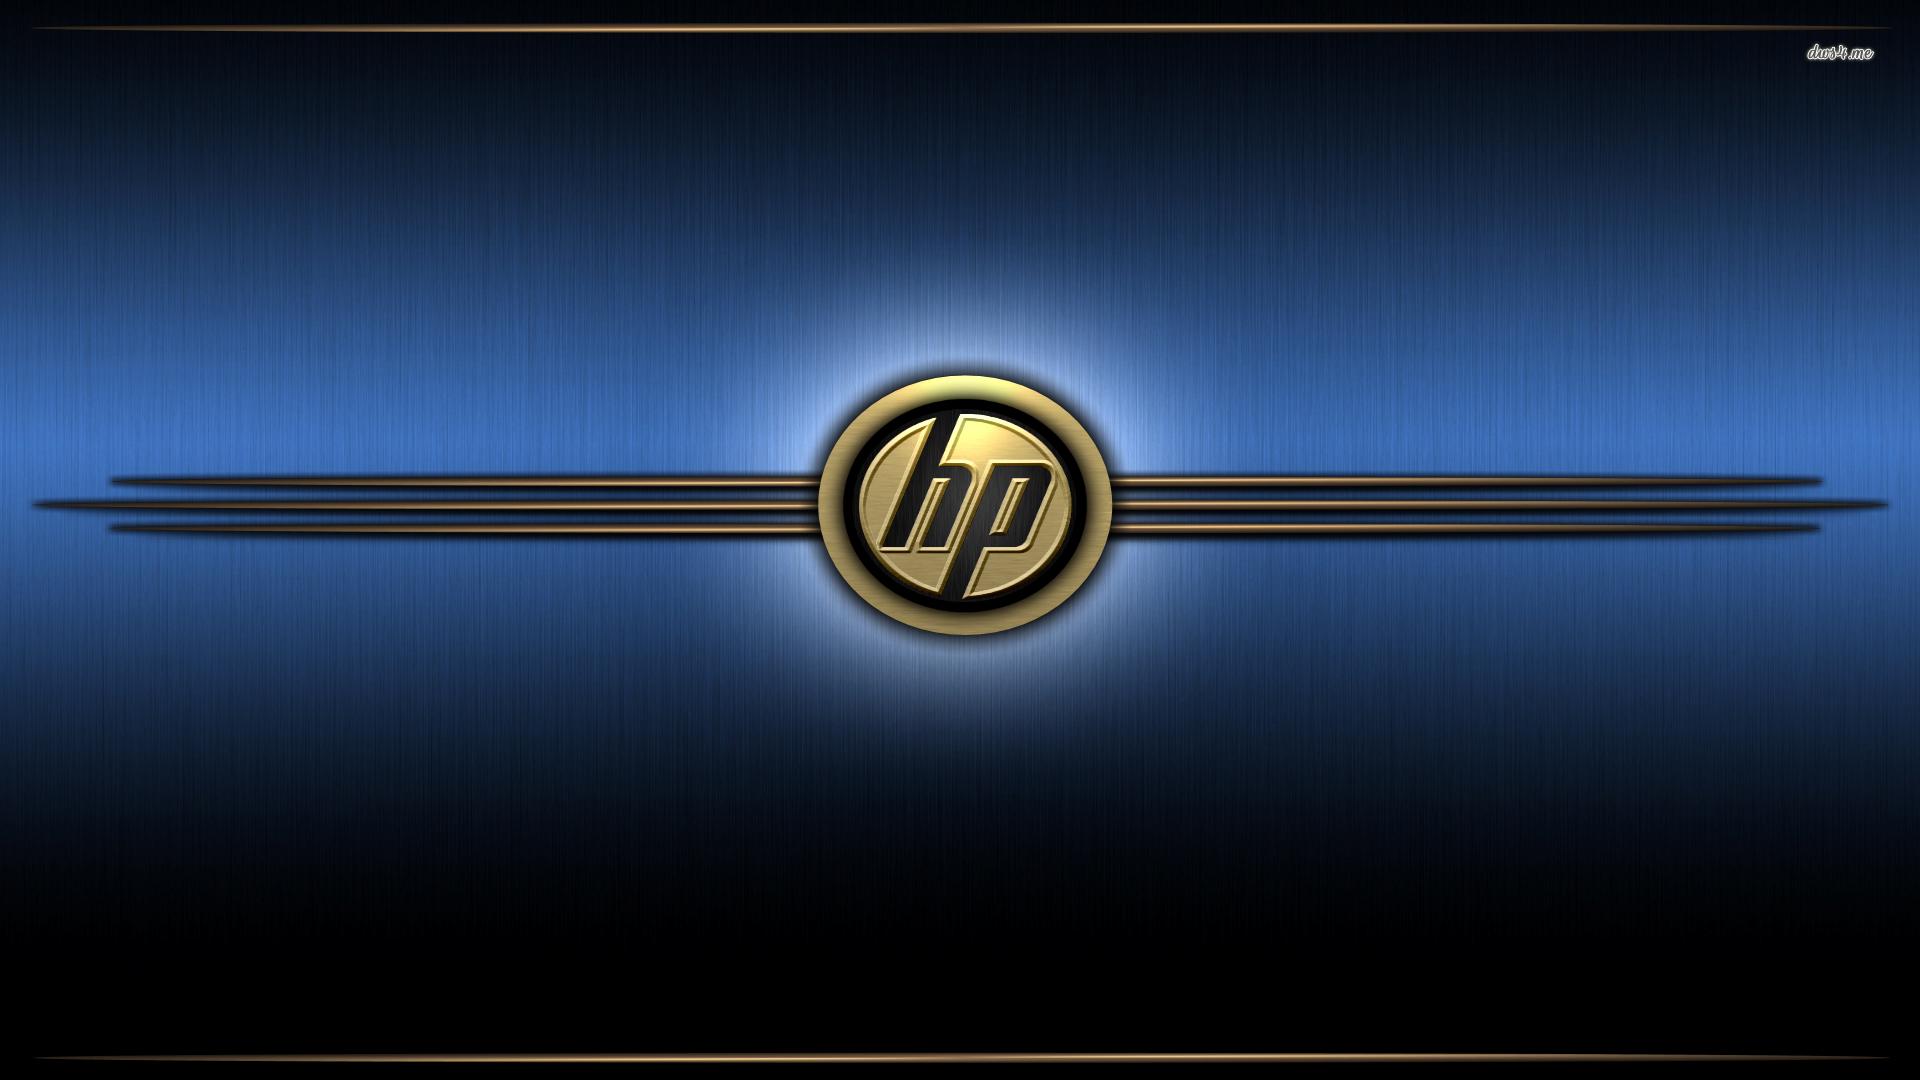 HP реструктуризируется и сокращает до 9 тысяч сотрудников